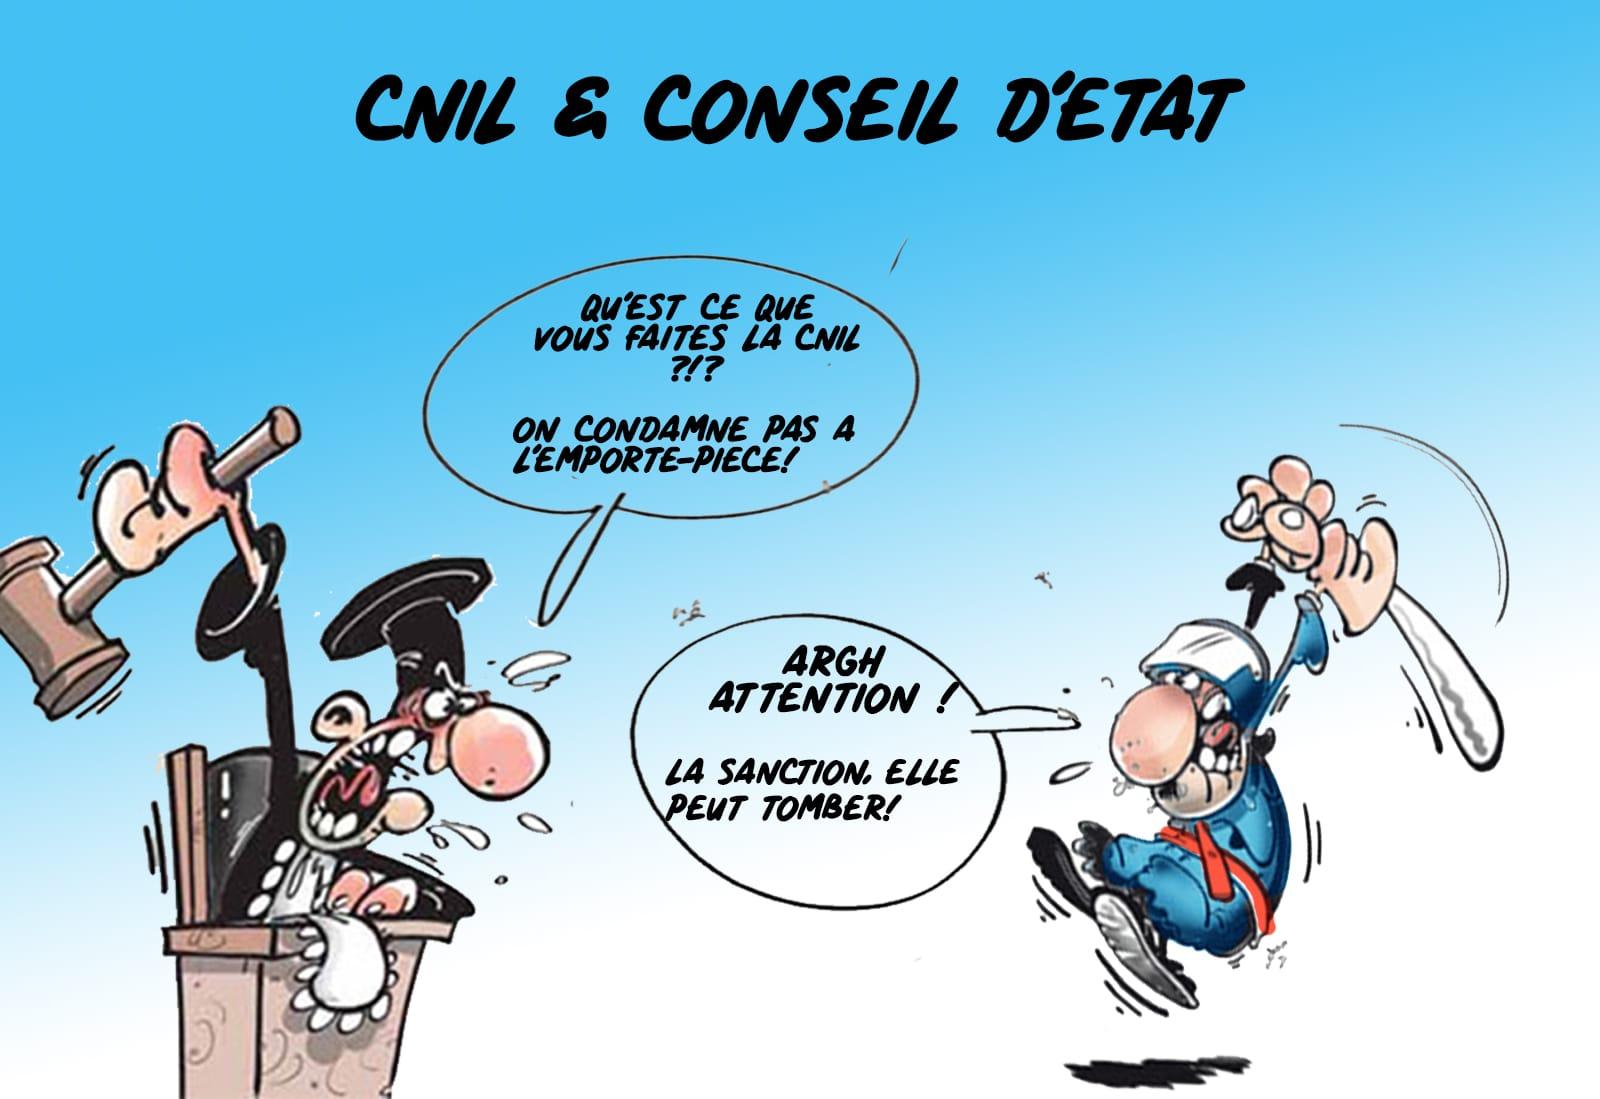 RGPD et CNIL - Collecte et Traitement de données personnelles - Voies de recours et Conseil d'Etat